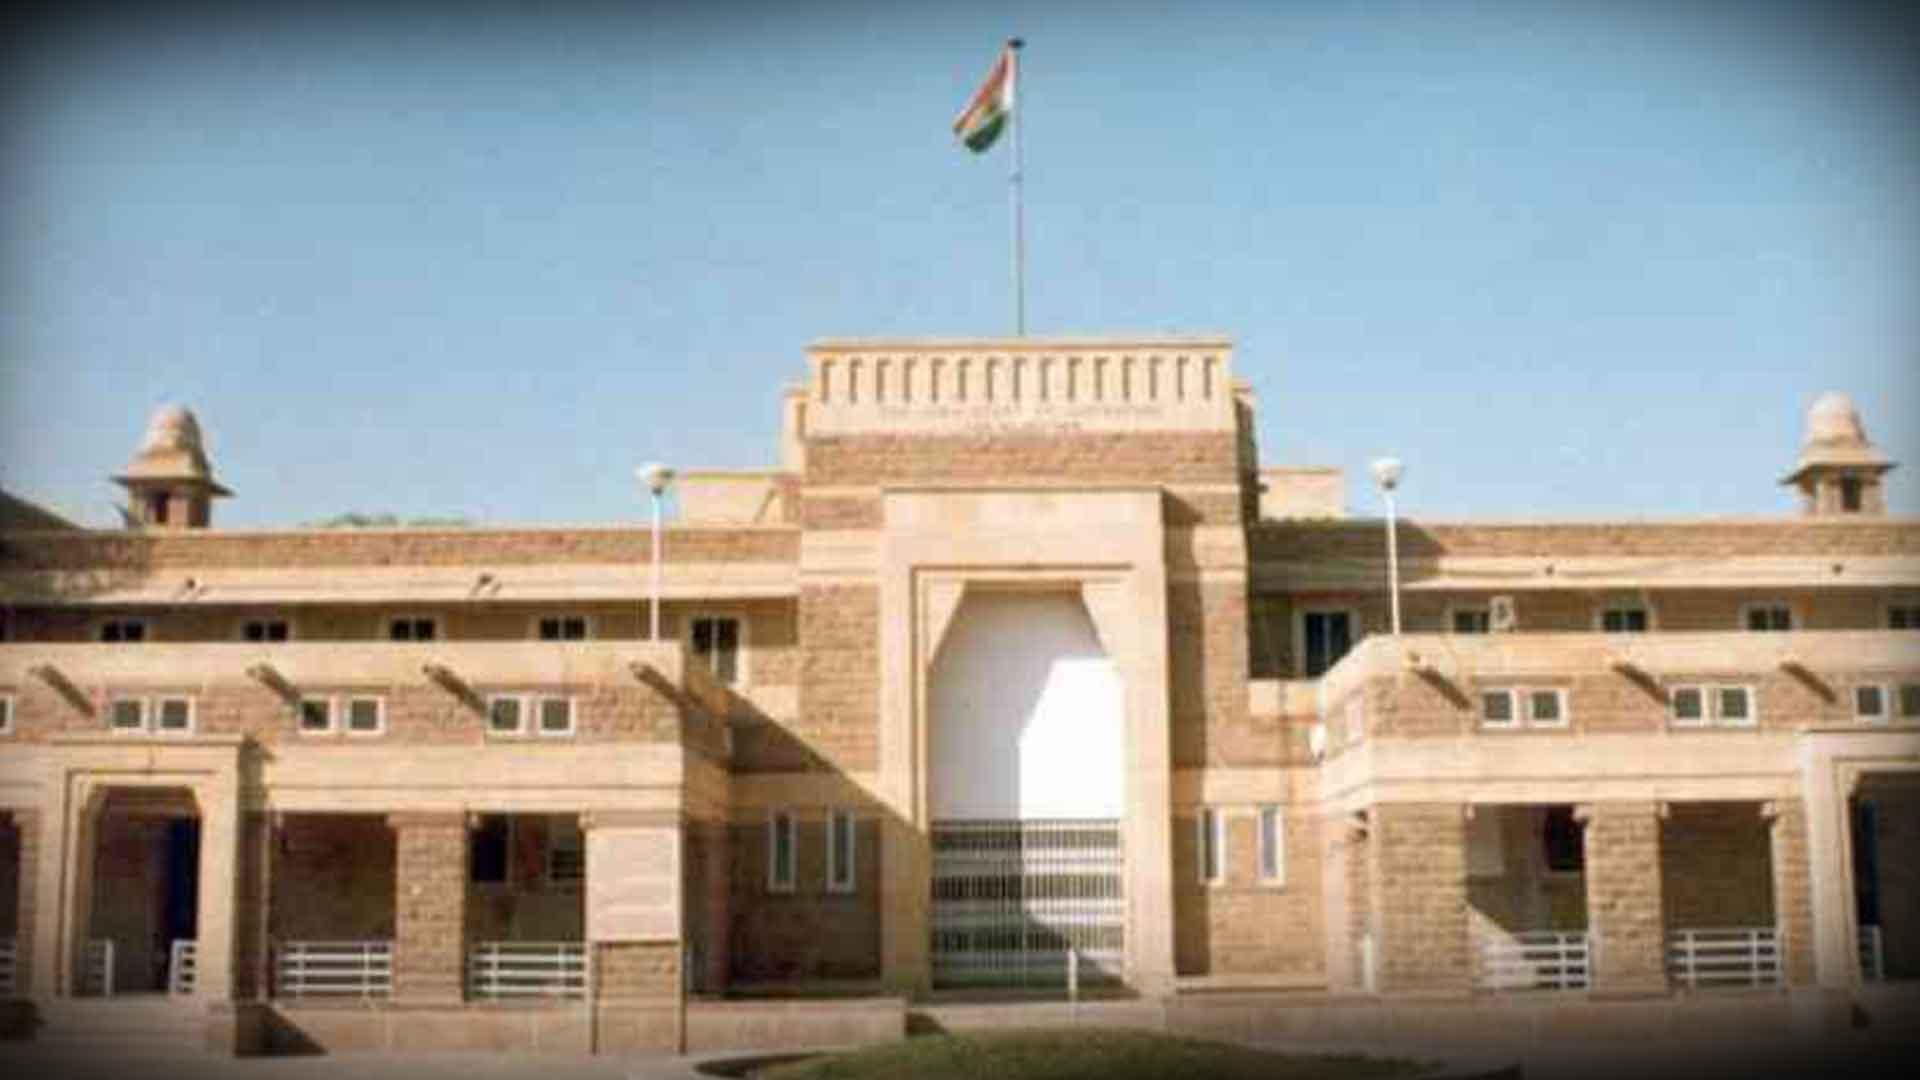 बहुजन समाज पार्टी ने राजस्थान उच्च न्यायालय में रिट याचिका दाखिल की